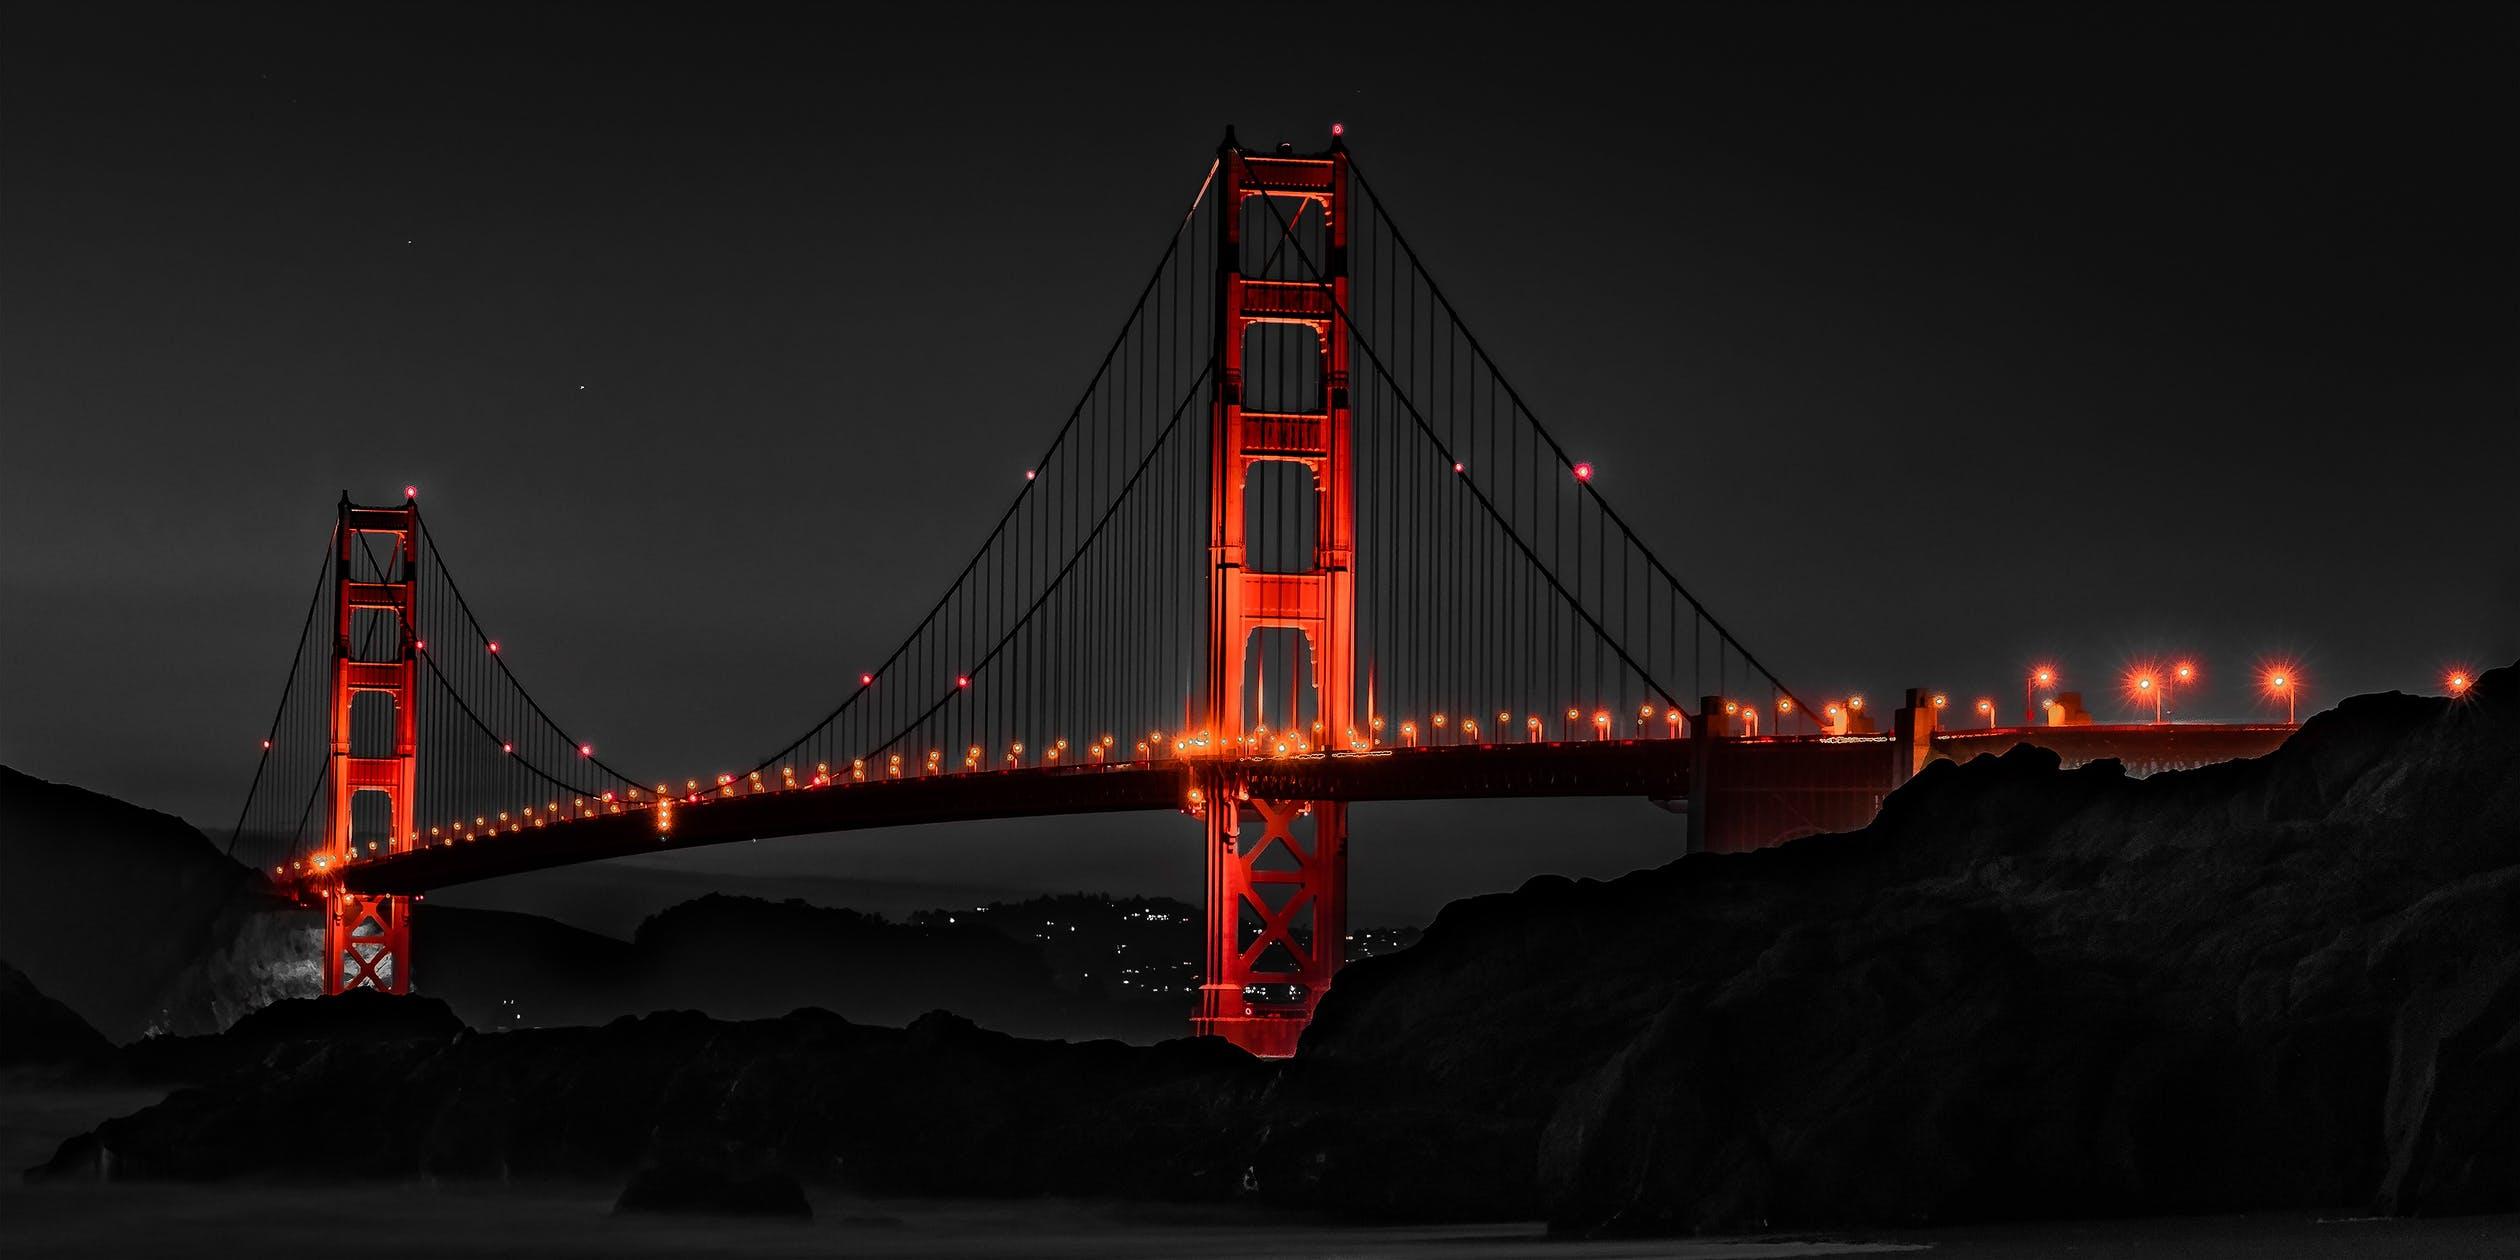 golden gate bridge, california, thelashop